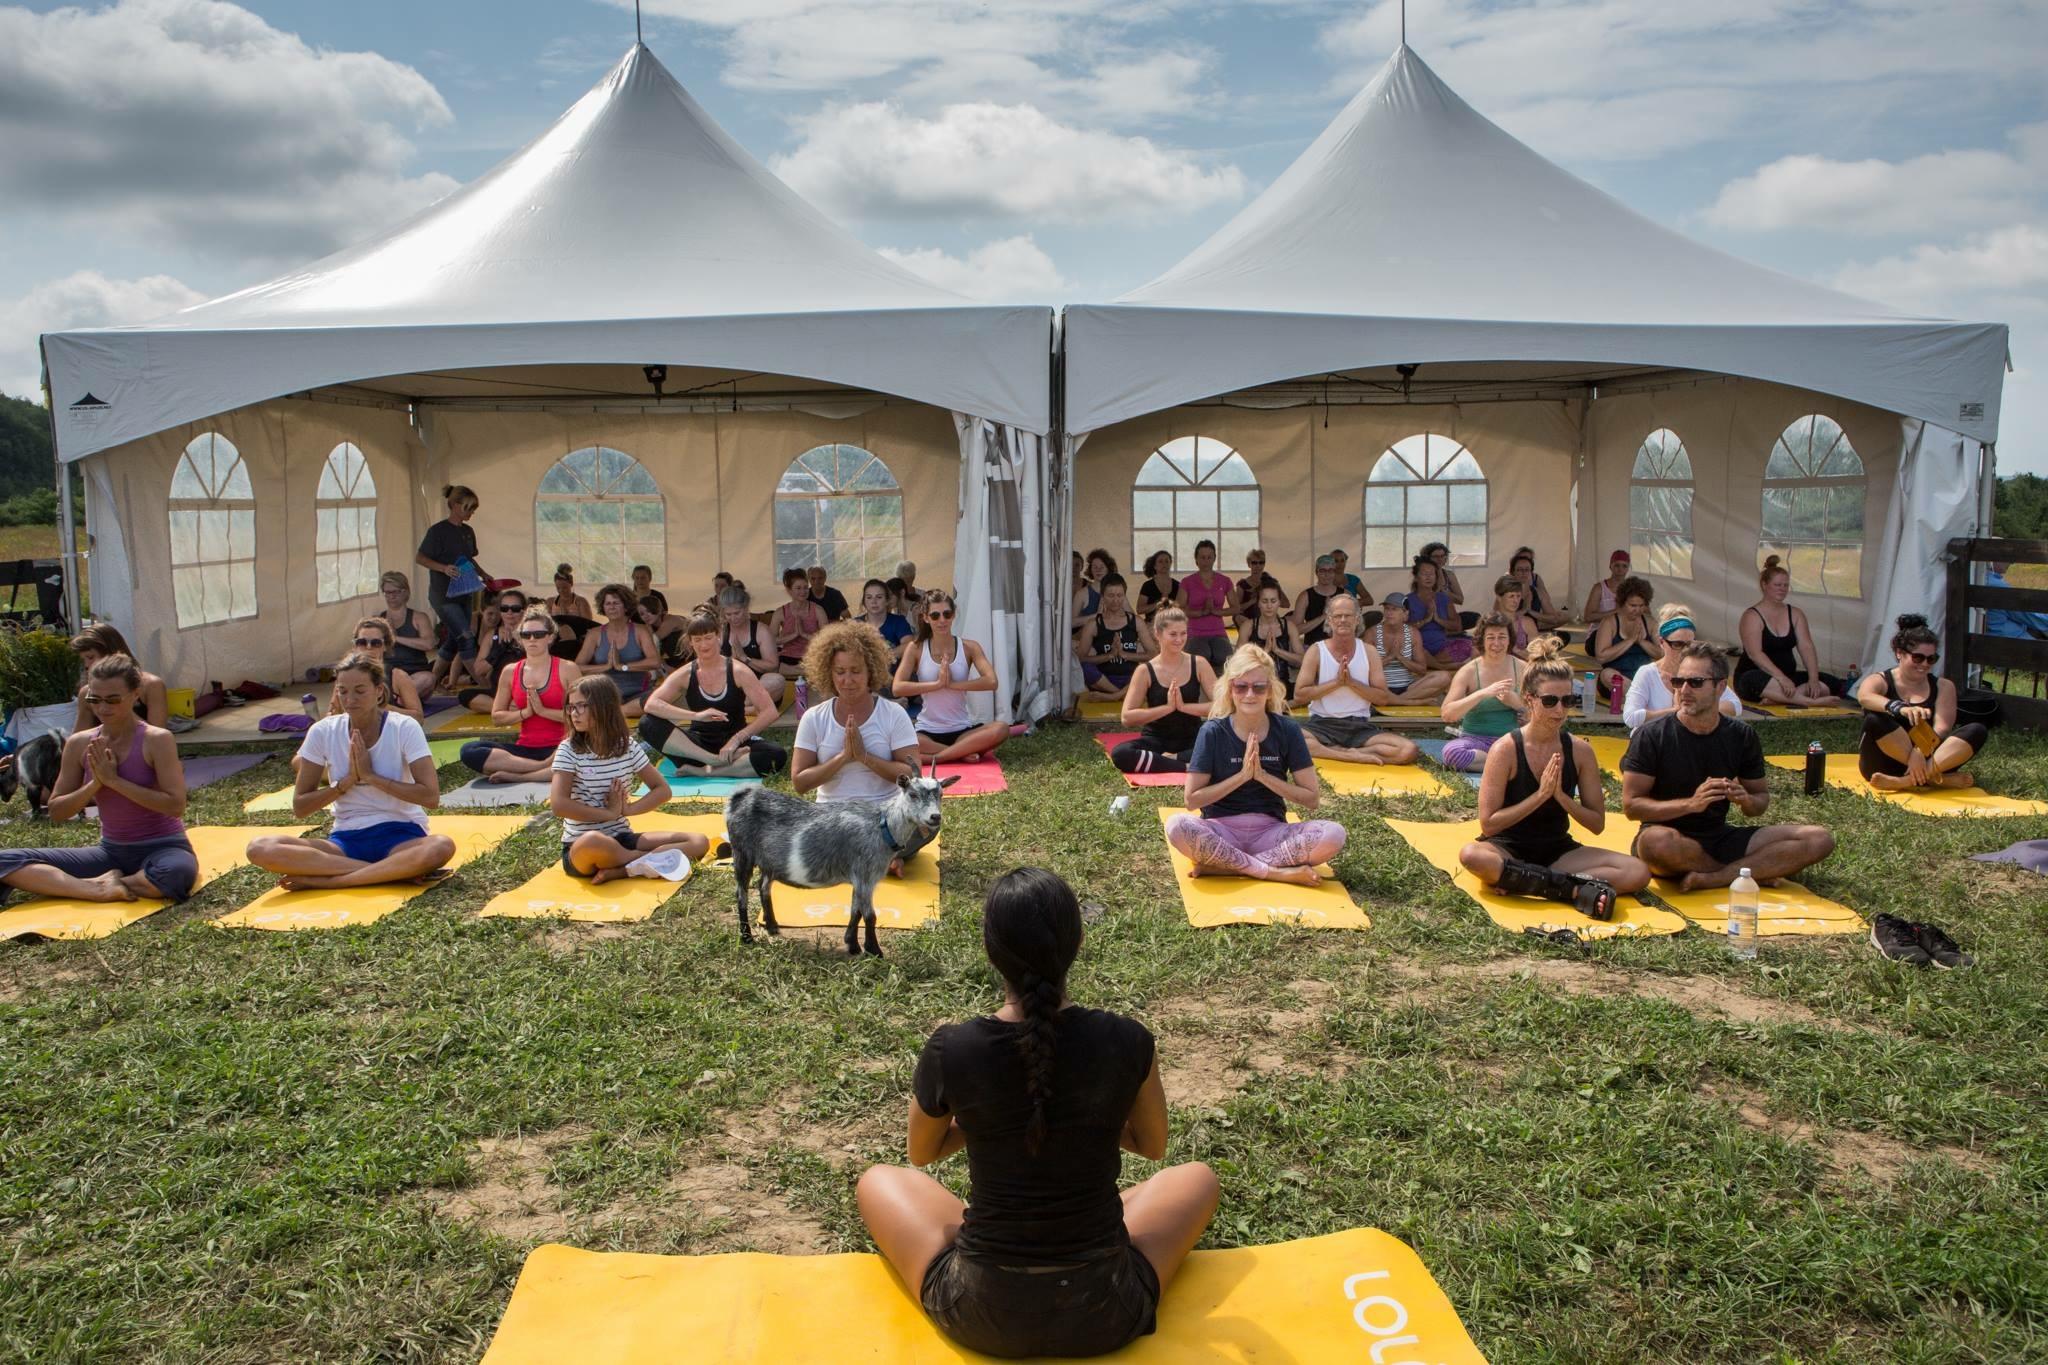 Yoga gratuit et picnic sur l'herbe, quoi demander de mieux?